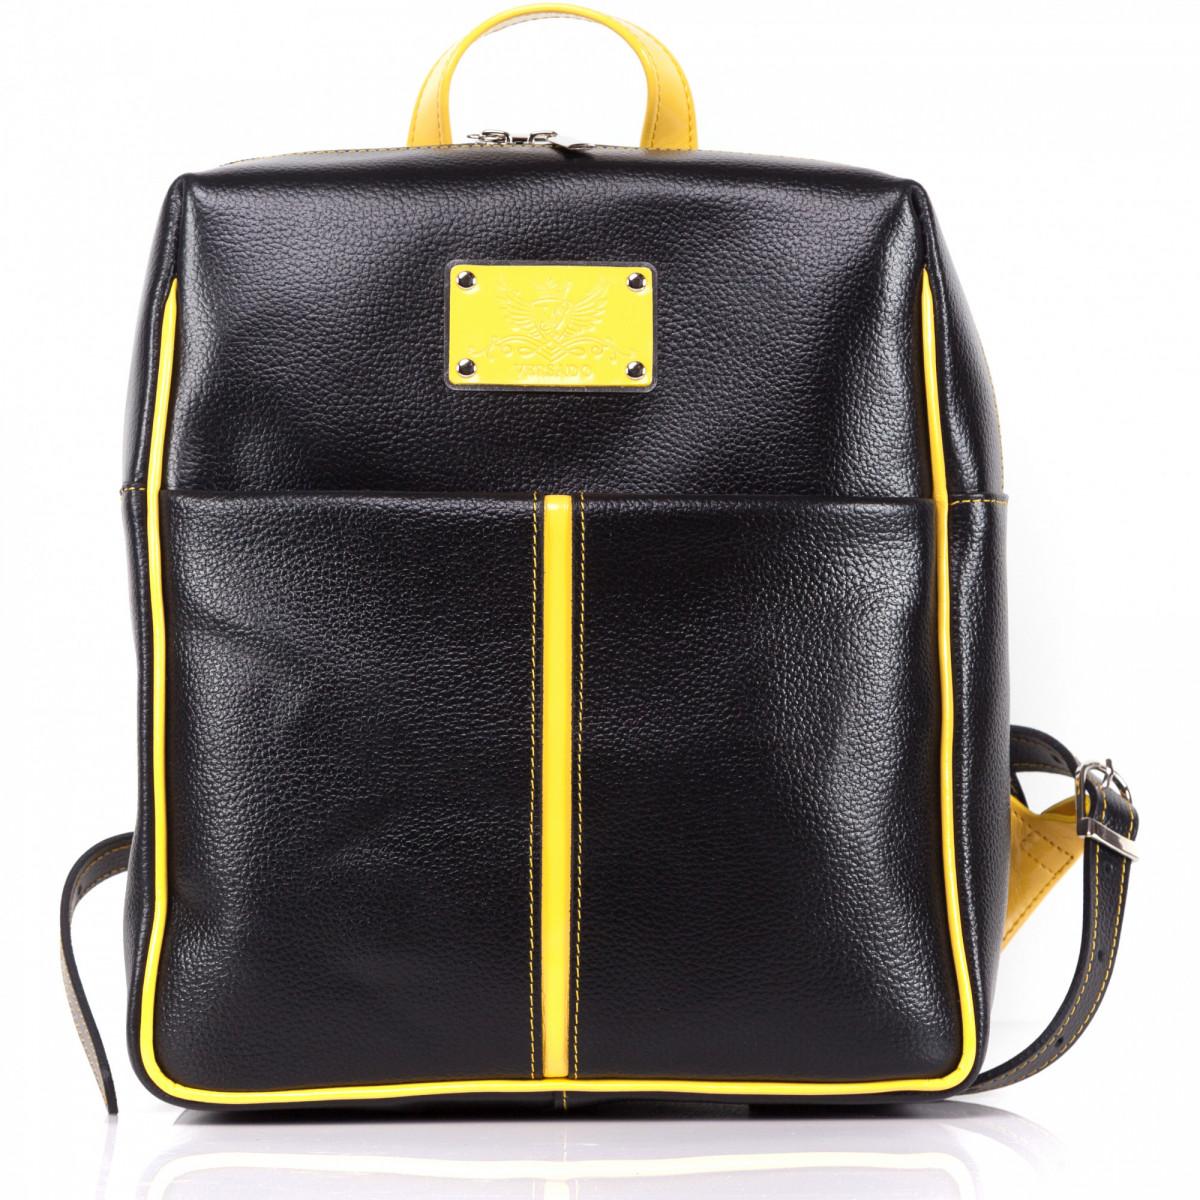 13a5b9716c41 Купить рюкзак Versado 177 из натуральной кожи